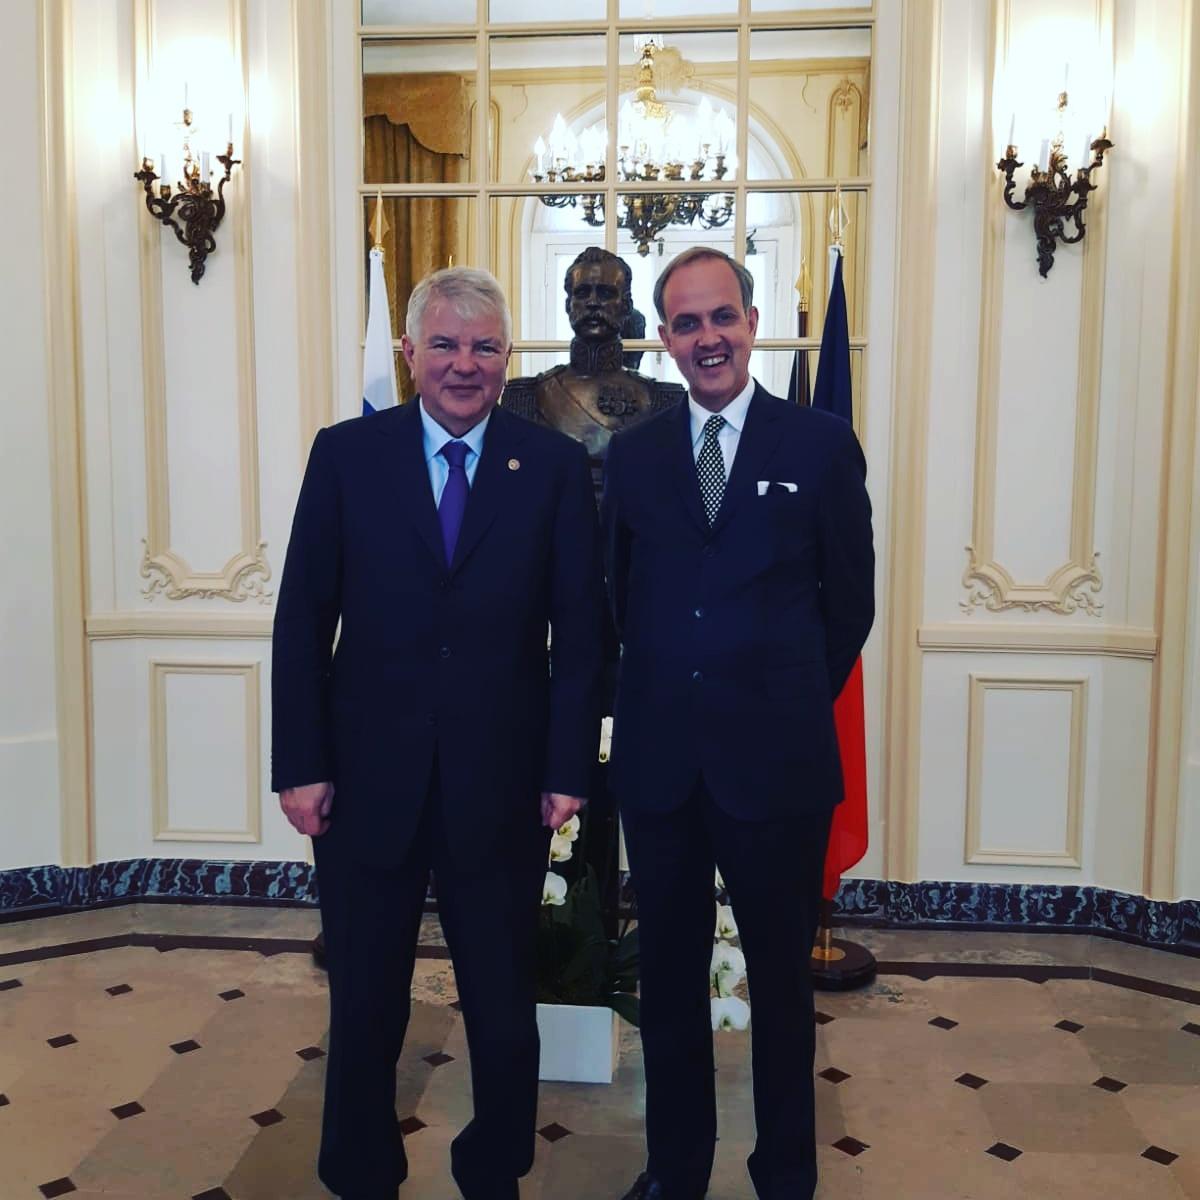 Le comte de paris et se alexei mechkov ambassadeur de russie en france